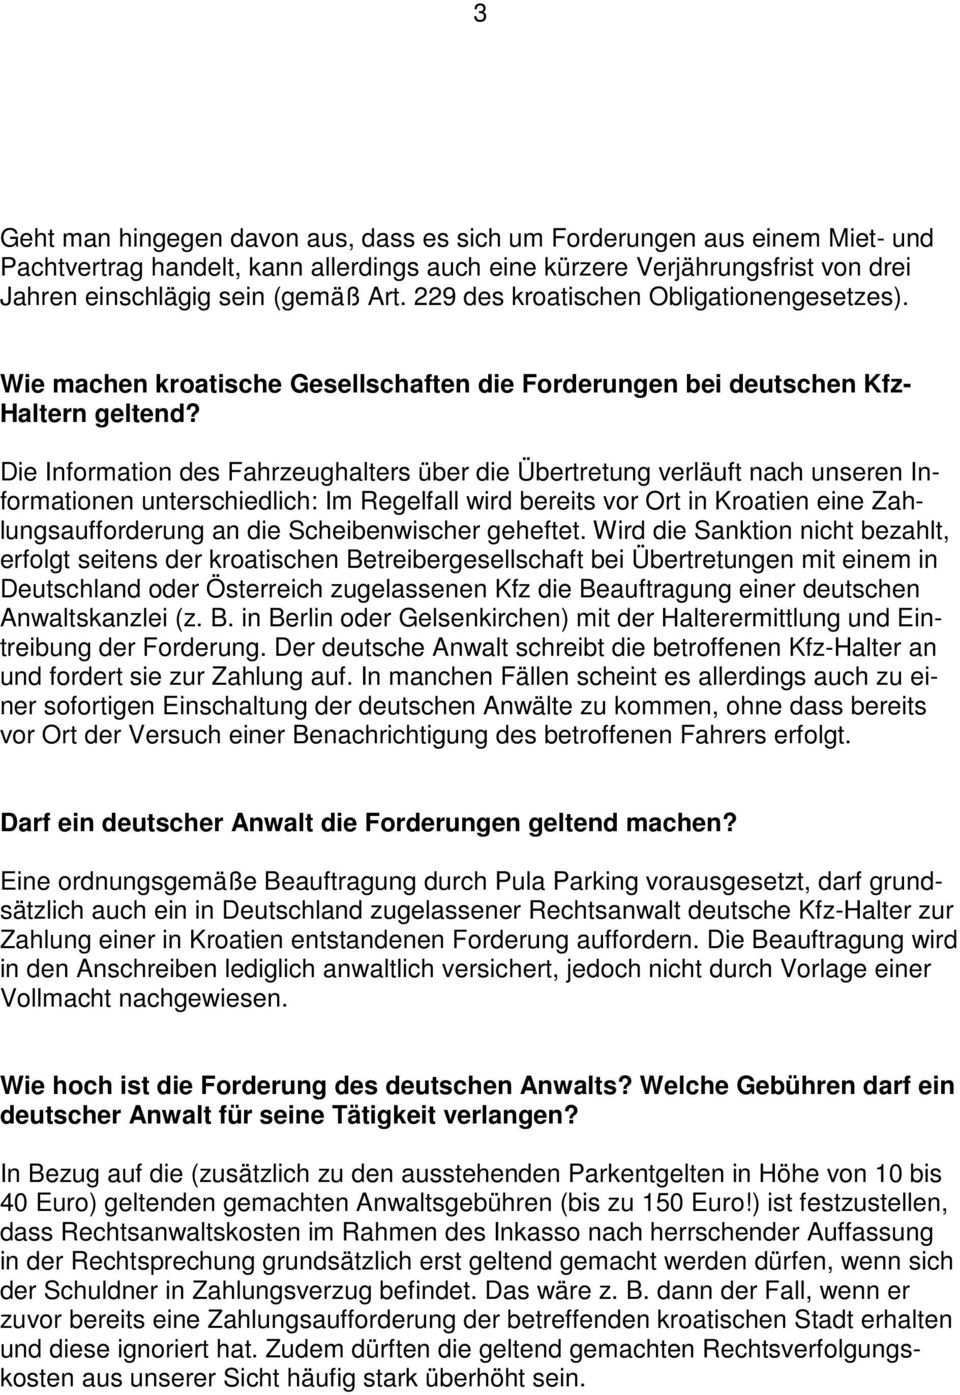 Mitteilungen Der Juristischen Zentrale Pdf Free Download